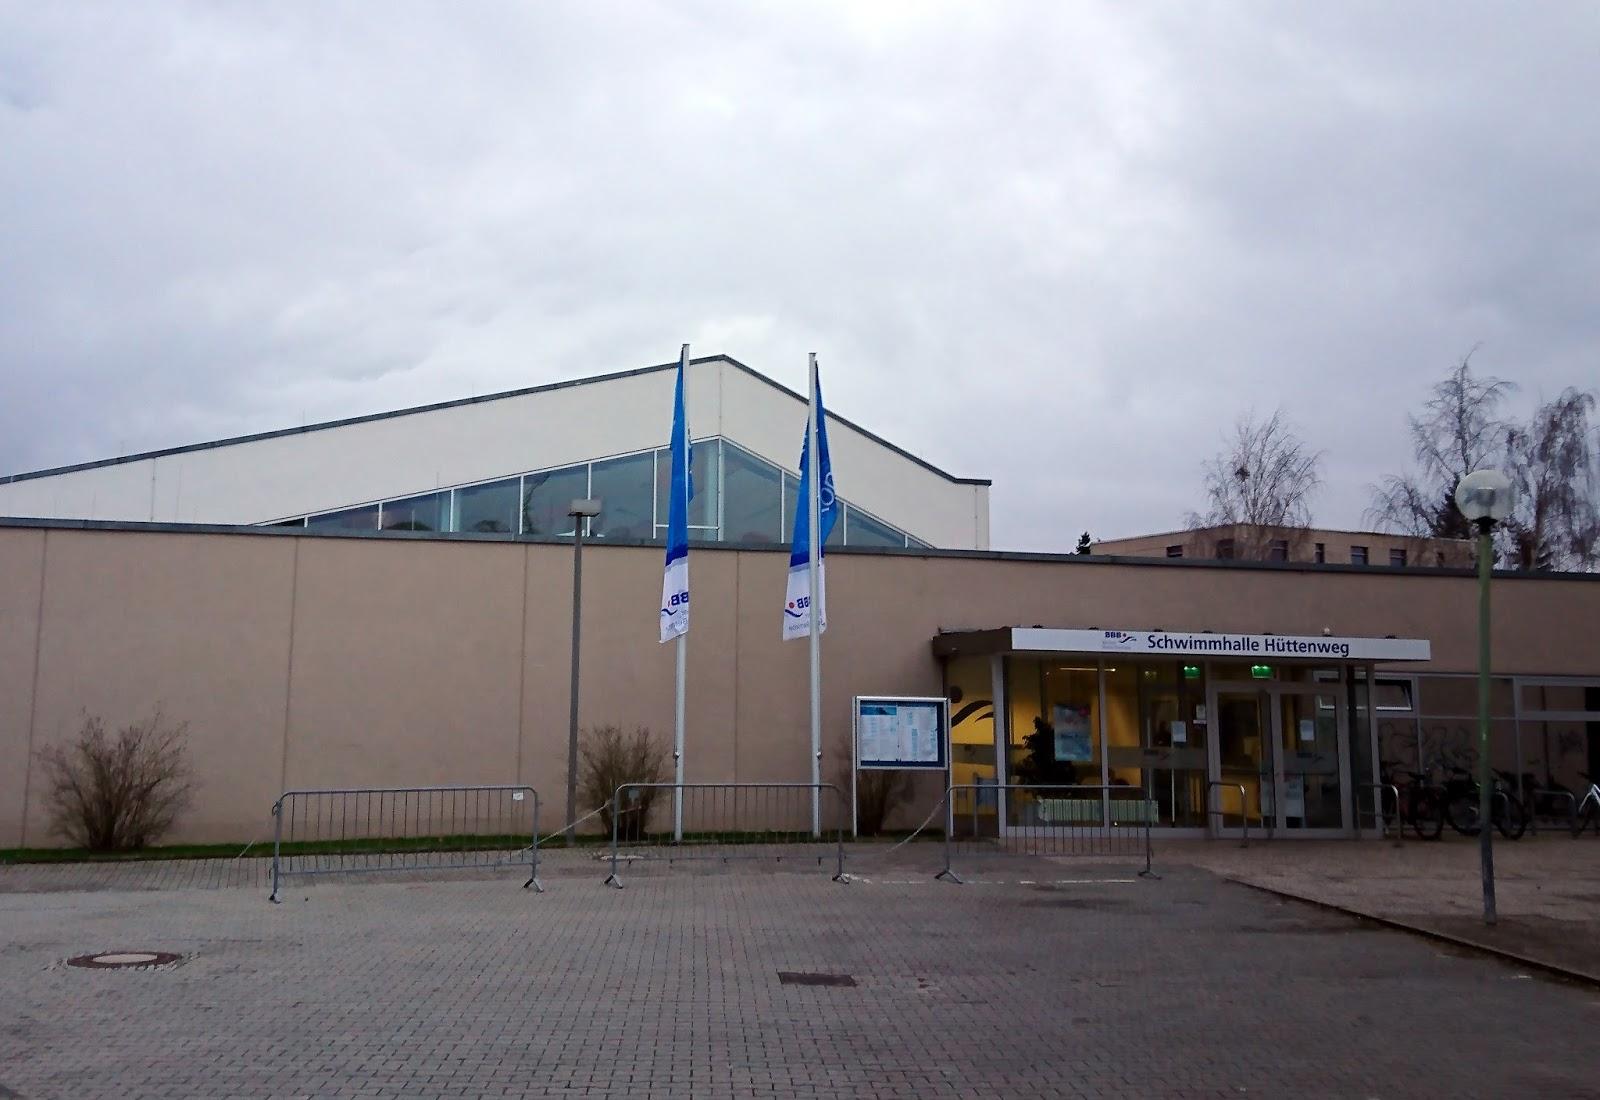 Iberty schwimmbad berlin dahlem schwimmhalle h ttenweg for Finckensteinallee schwimmbad